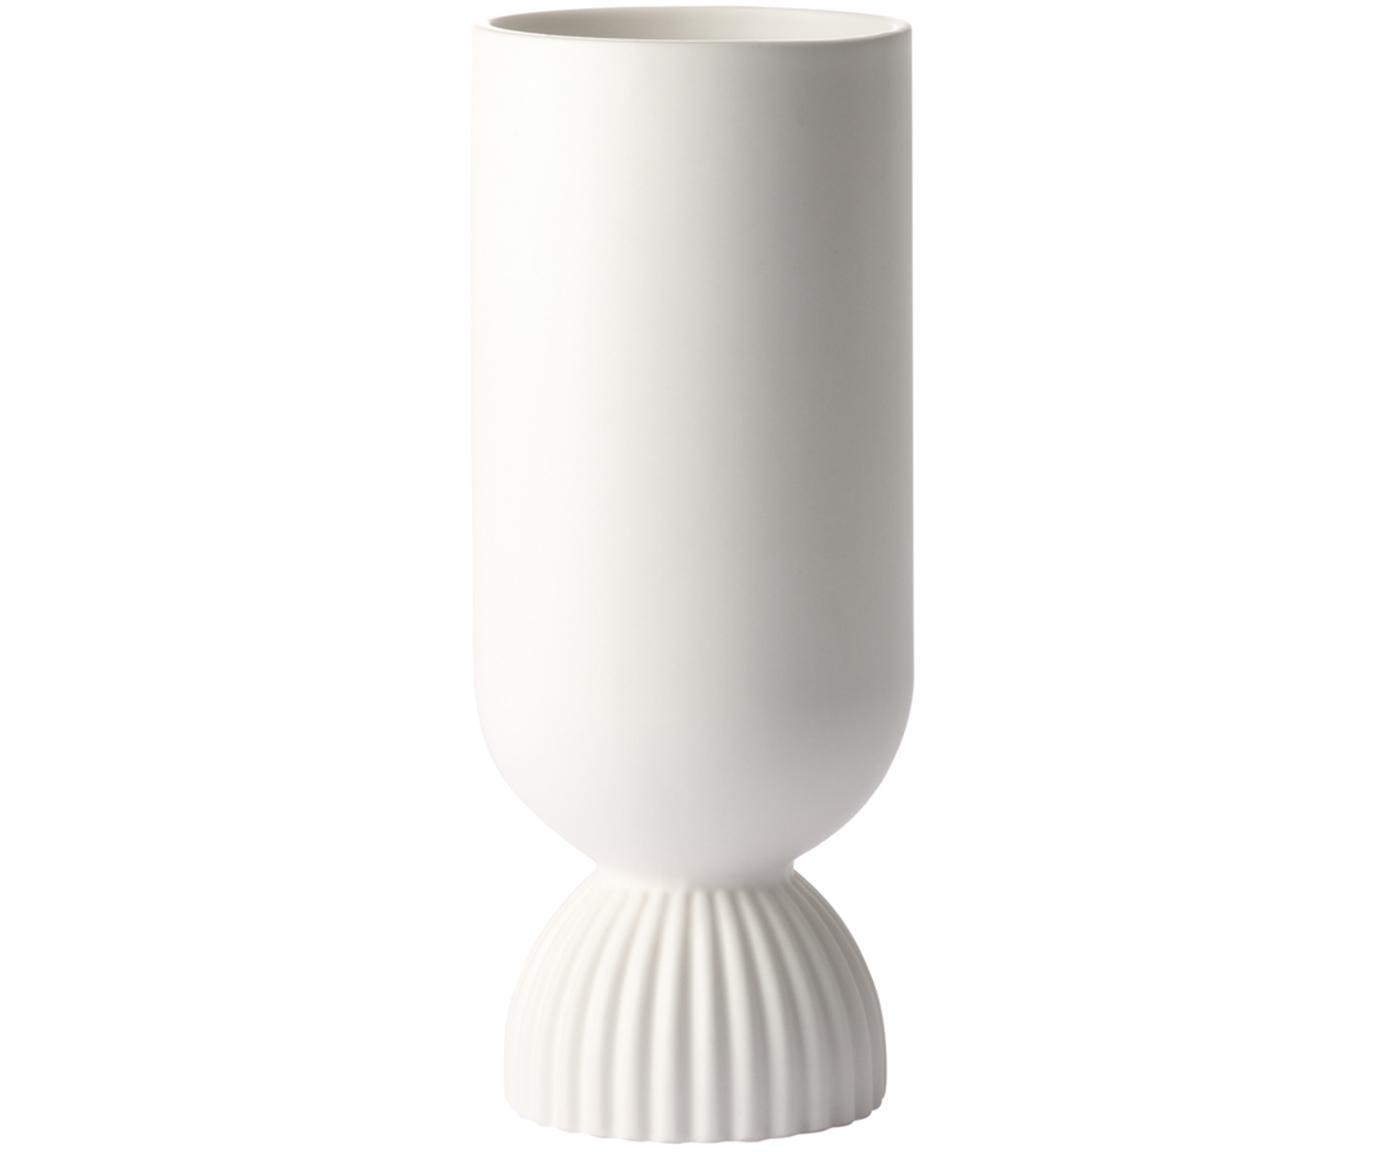 Vaas Flower van keramiek met ribbels, Keramiek, Mat wit, Ø 10 x H 25 cm